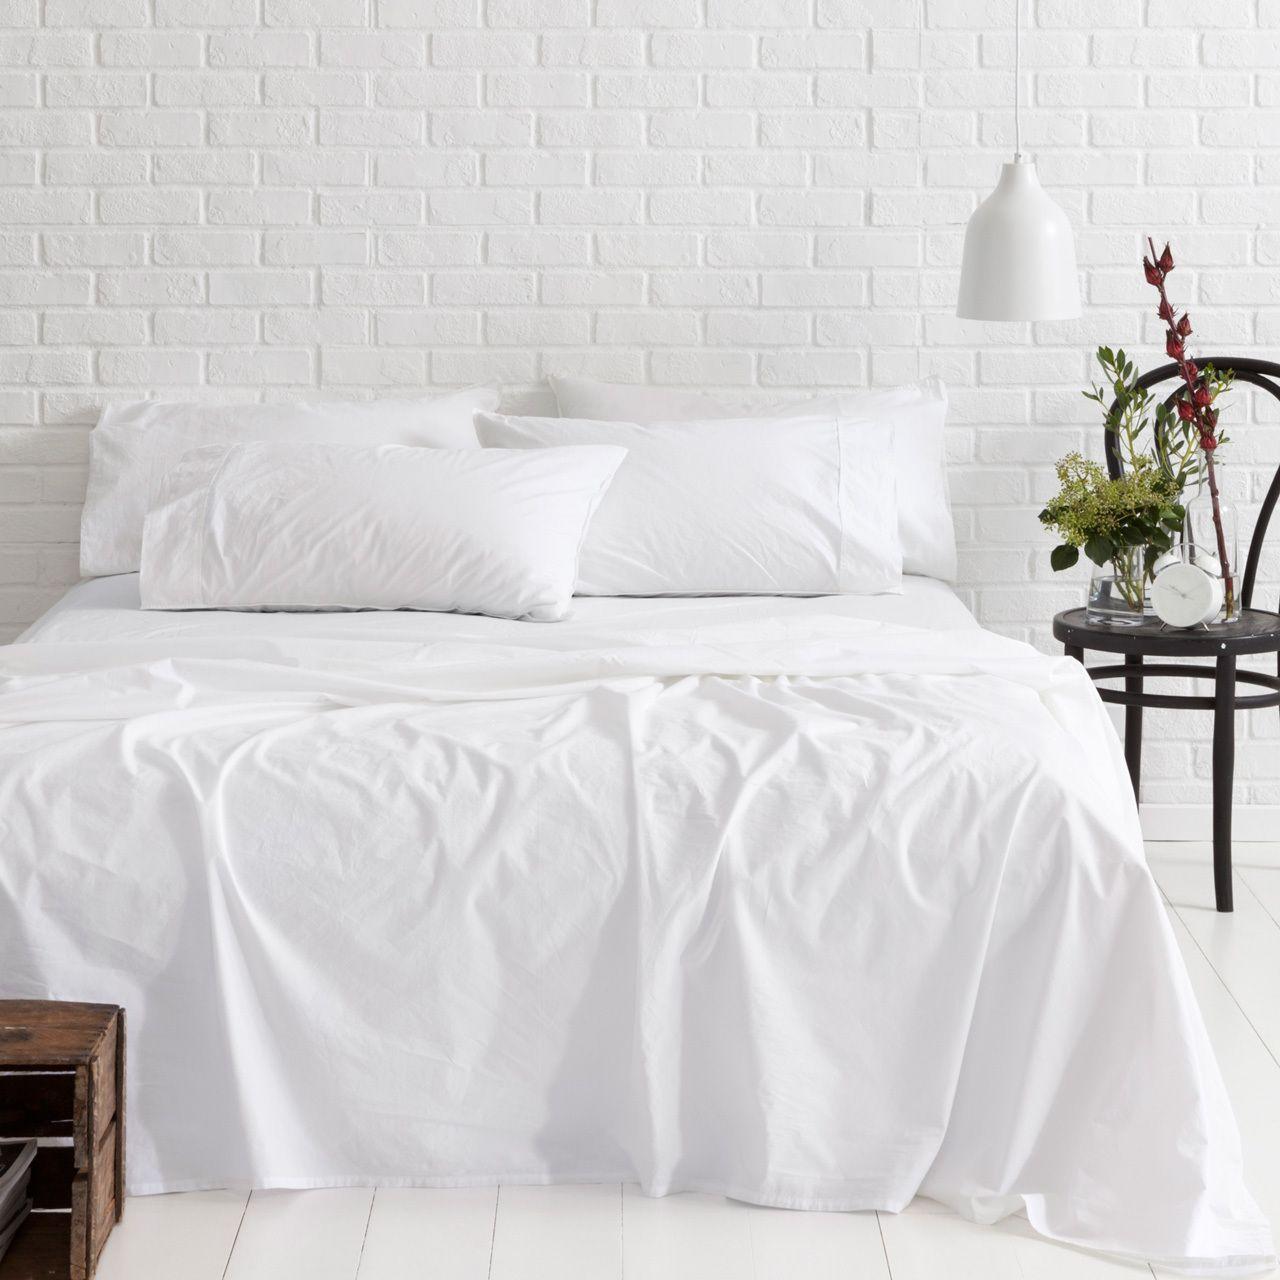 2f22987e4ad7a64ce3b95c520c0543f7 - How To Get A Stain Out Of Bed Sheets